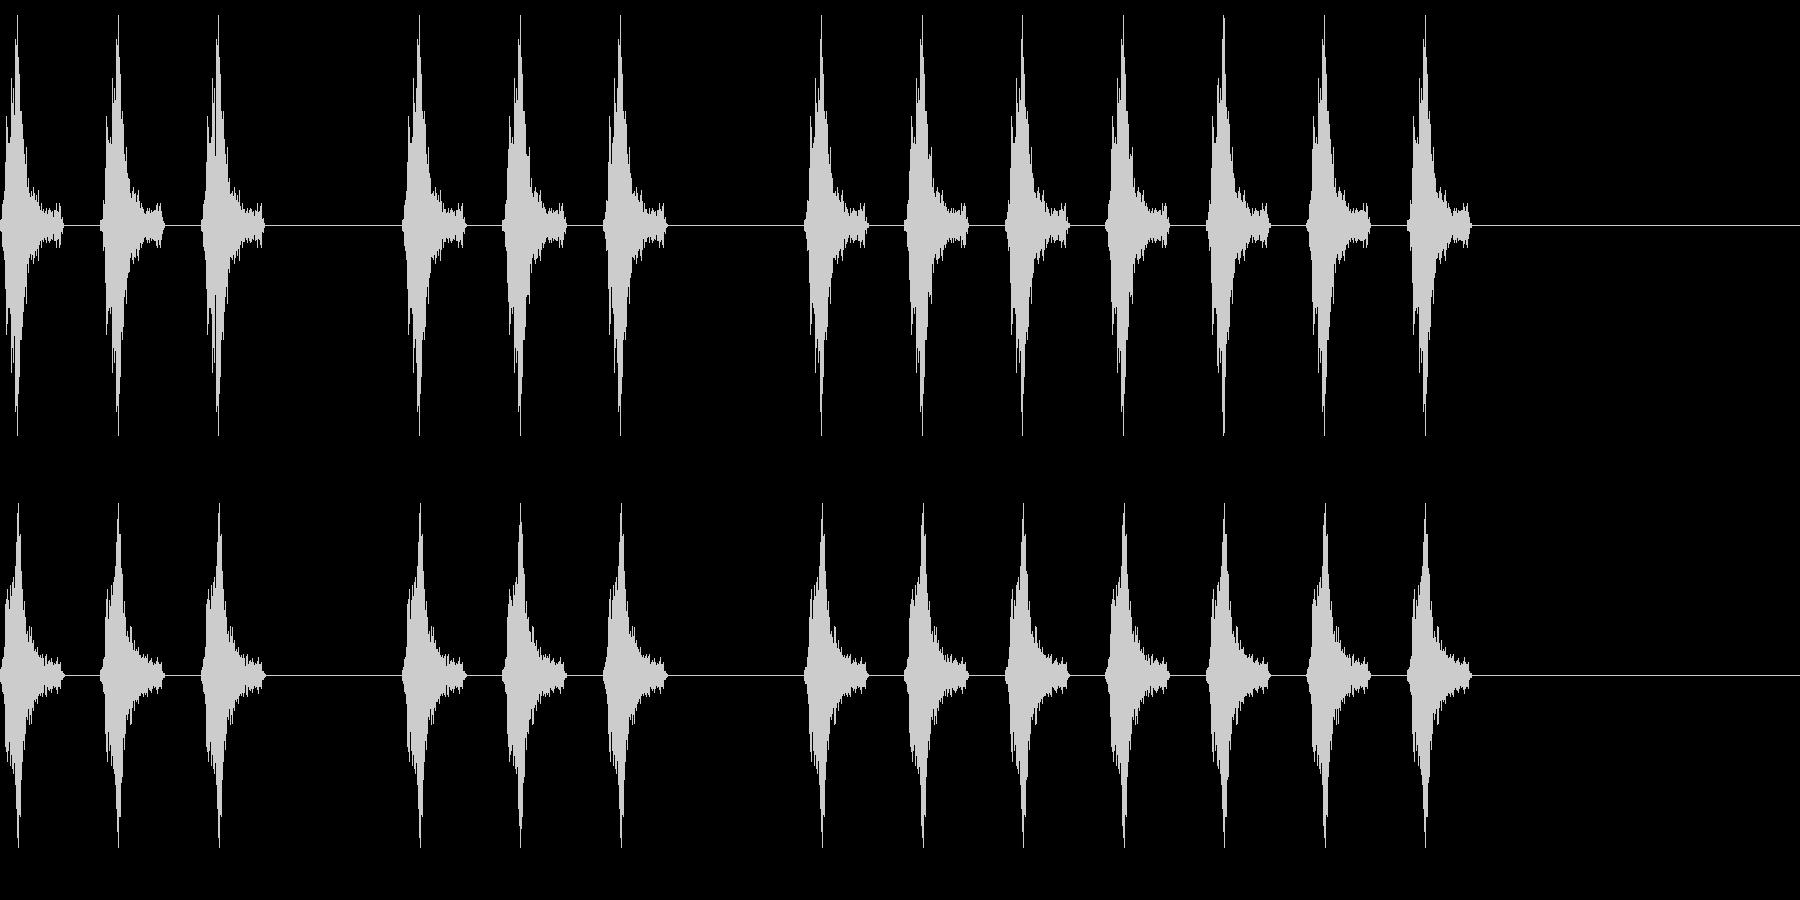 三三七拍子 その9 の未再生の波形